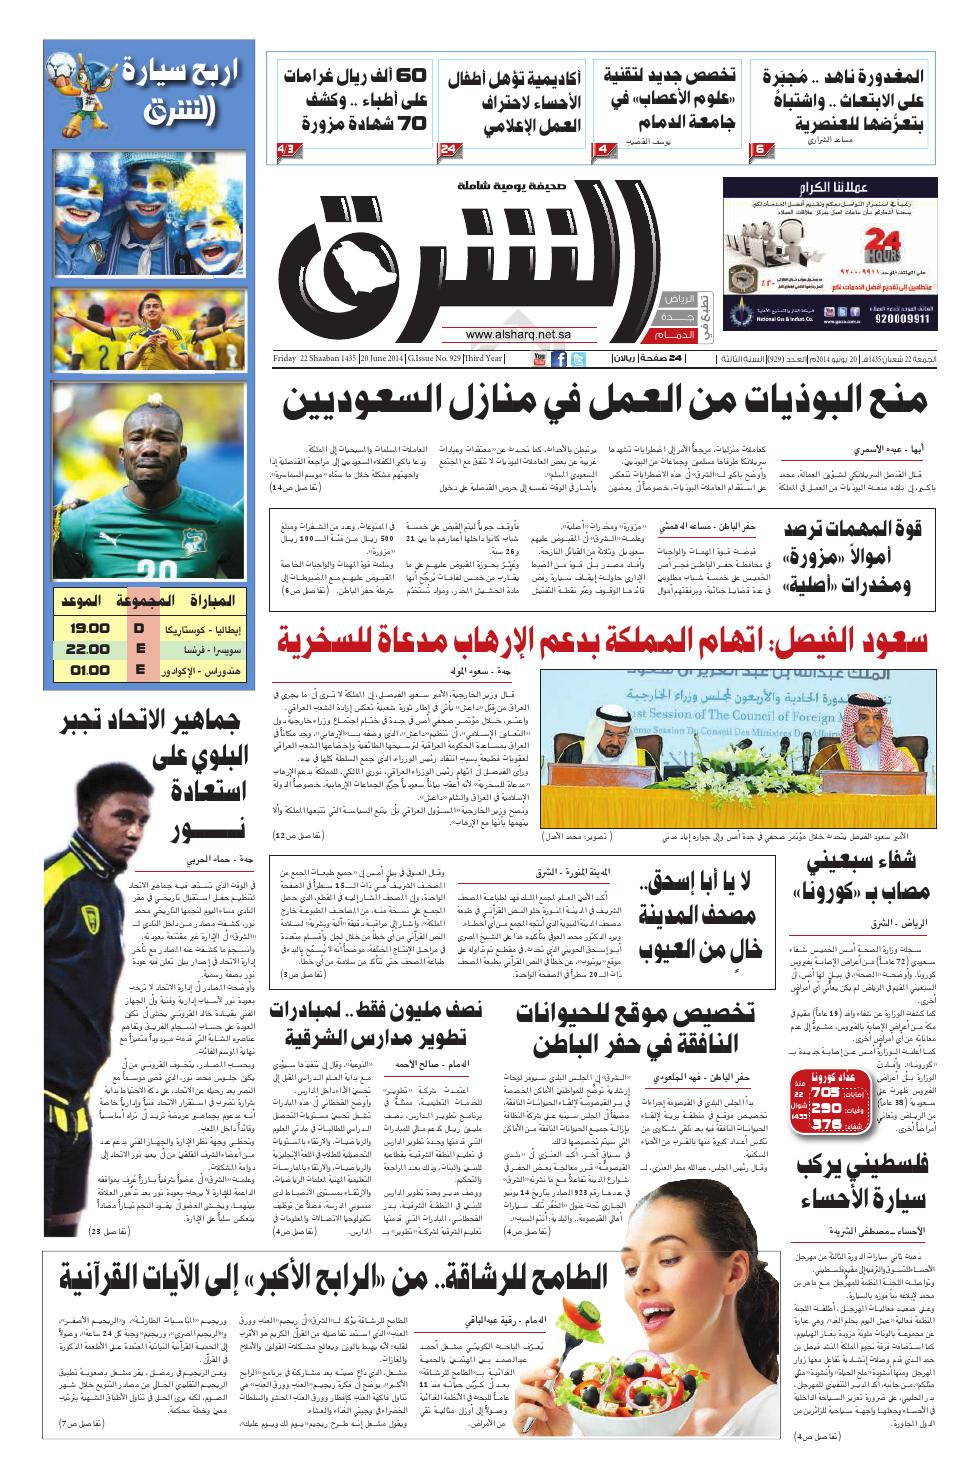 dfae88de7 صحيفة الشرق - العدد 929 - نسخة الدمام by صحيفة الشرق السعودية - issuu